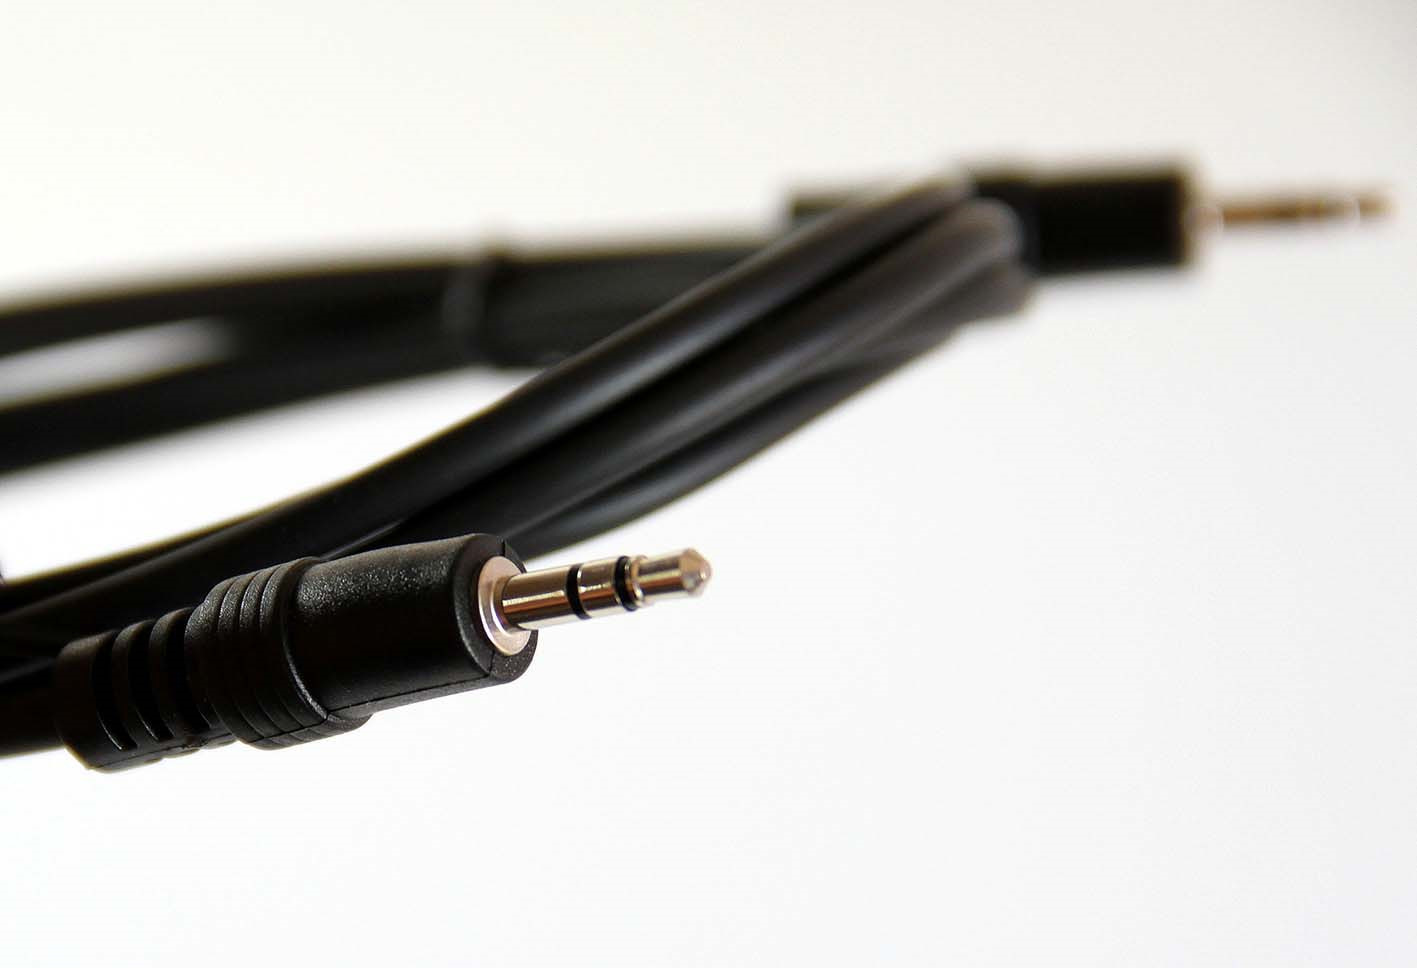 Кабель Pro Legend Jack 3,5 мм вилка - Jack 3,5 вилка, PL1054, черный, 5 м perfeo кабель jack 3 5 мм вилка jack 3 5 мм вилка длина 2 м j2103